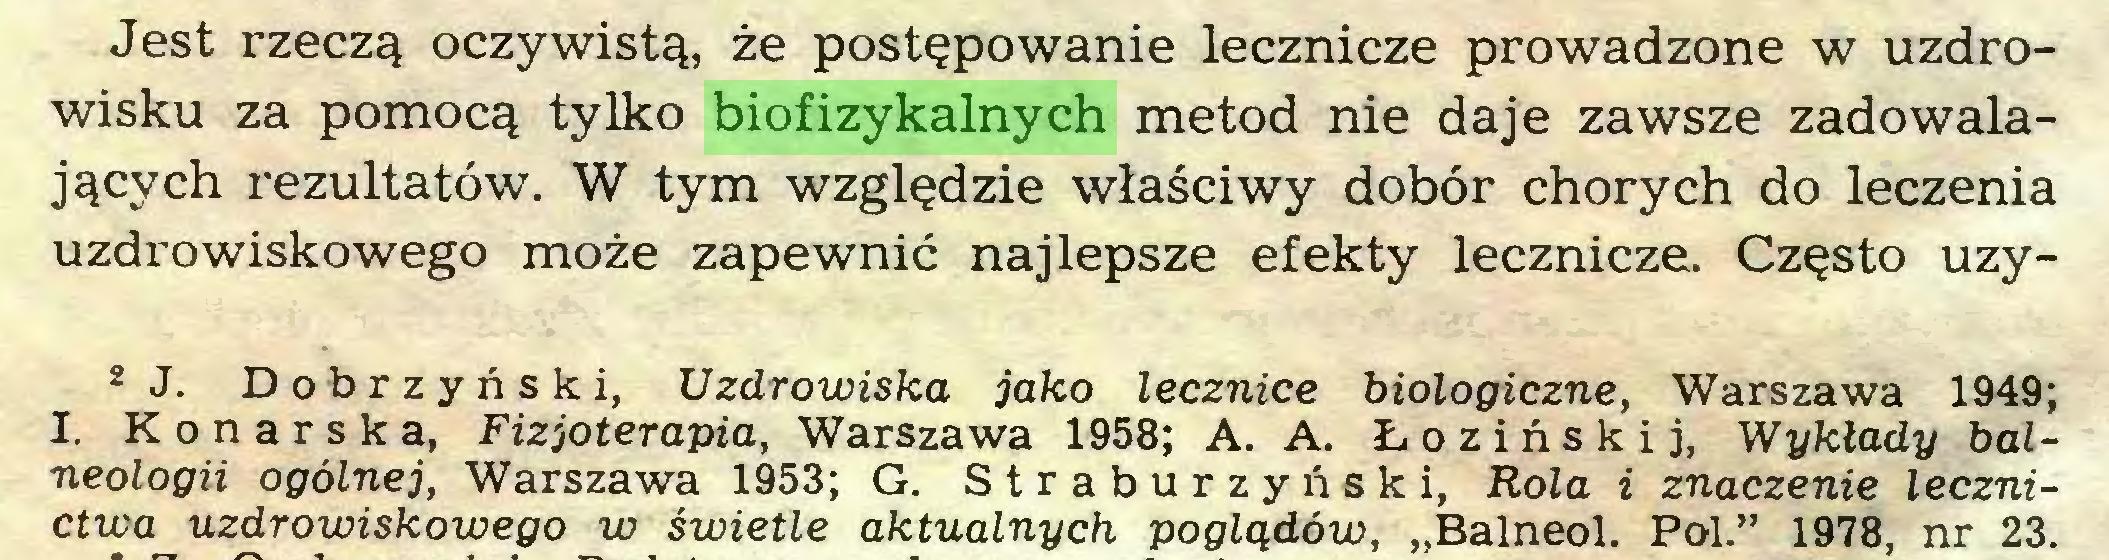 """(...) Jest rzeczą oczywistą, że postępowanie lecznicze prowadzone w uzdrowisku za pomocą tylko biofizykalnych metod nie daje zawsze zadowalających rezultatów. W tym względzie właściwy dobór chorych do leczenia uzdrowiskowego może zapewnić najlepsze efekty lecznicze. Często uzy2J. Dobrzyński, Uzdrowiska jako lecznice biologiczne, Warszawa 1949; I. Konarska, Fizjoterapia, Warszawa 1958; A. A. Łozińskij, Wykłady balneologii ogólnej, Warszawa 1953; G. Straburzyński, Rola i znaczenie lecznictwa uzdrowiskowego w świetle aktualnych poglądów, """"Balneol. Pol."""" 1978, nr 23..."""